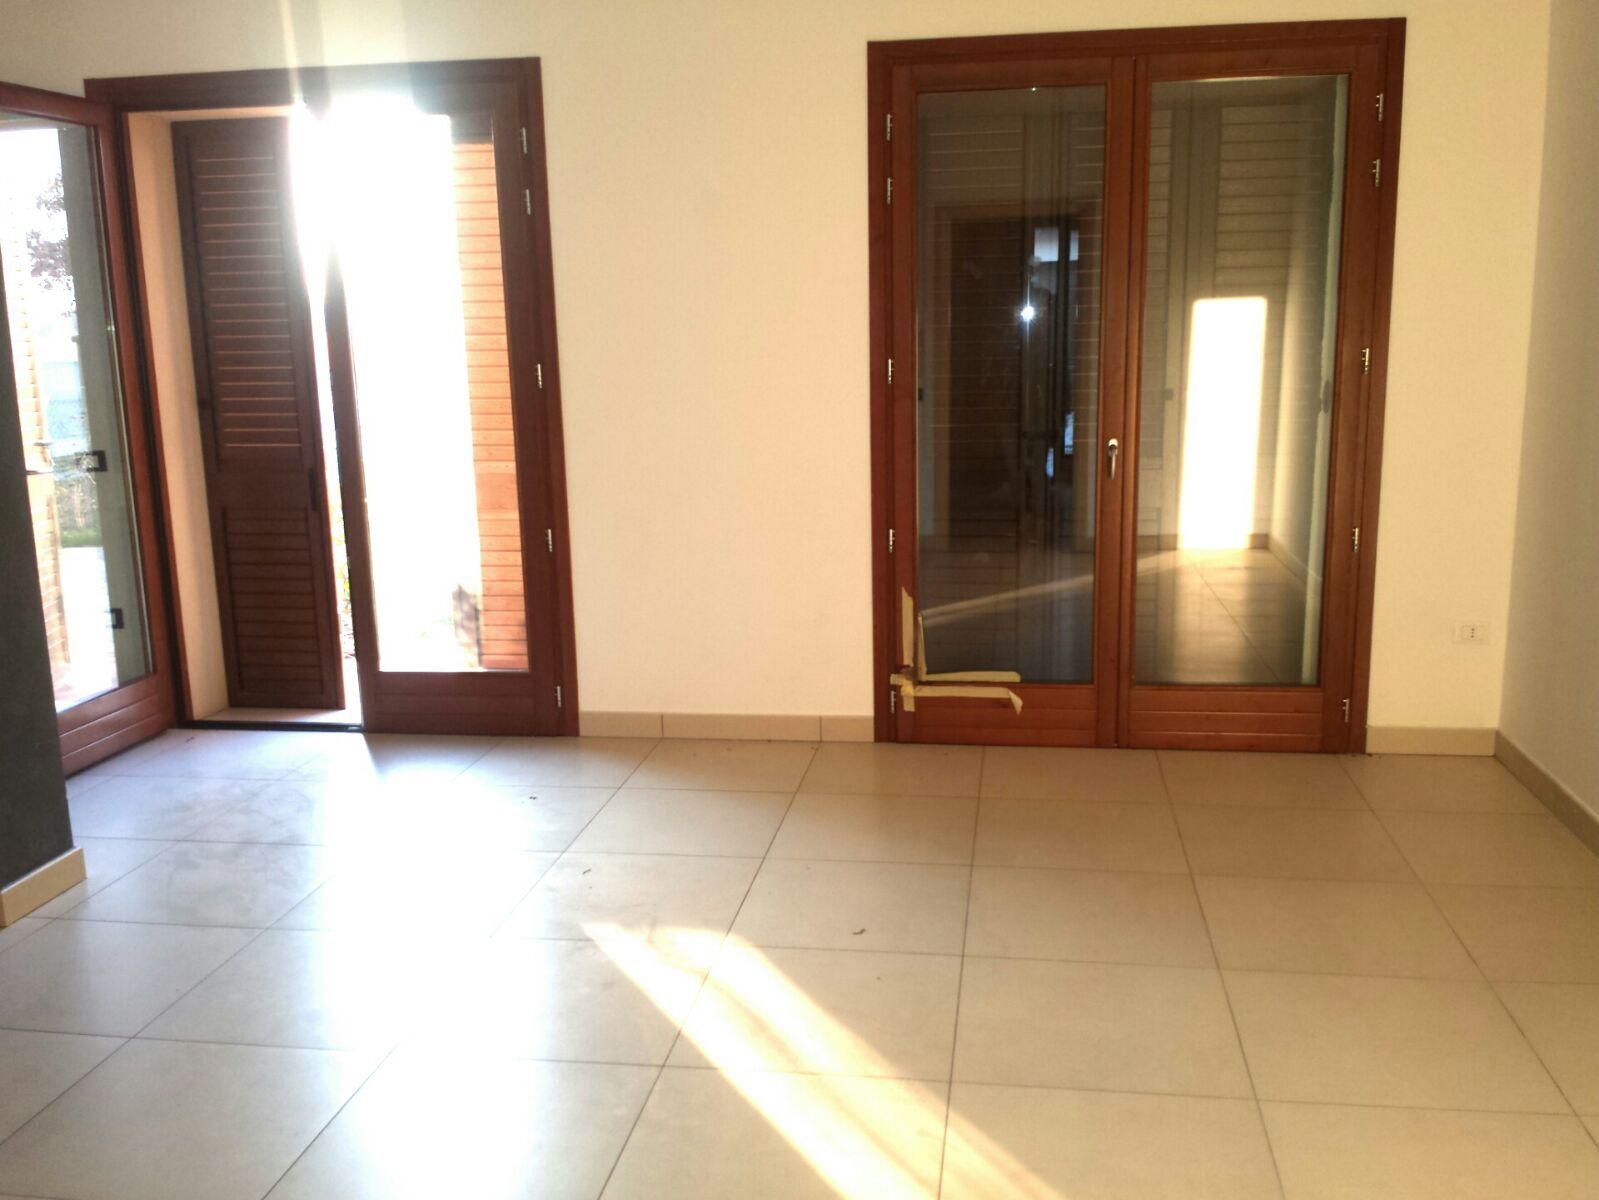 Soluzione Indipendente in affitto a Ravenna, 5 locali, zona Zona: Savarna, prezzo € 600 | Cambio Casa.it